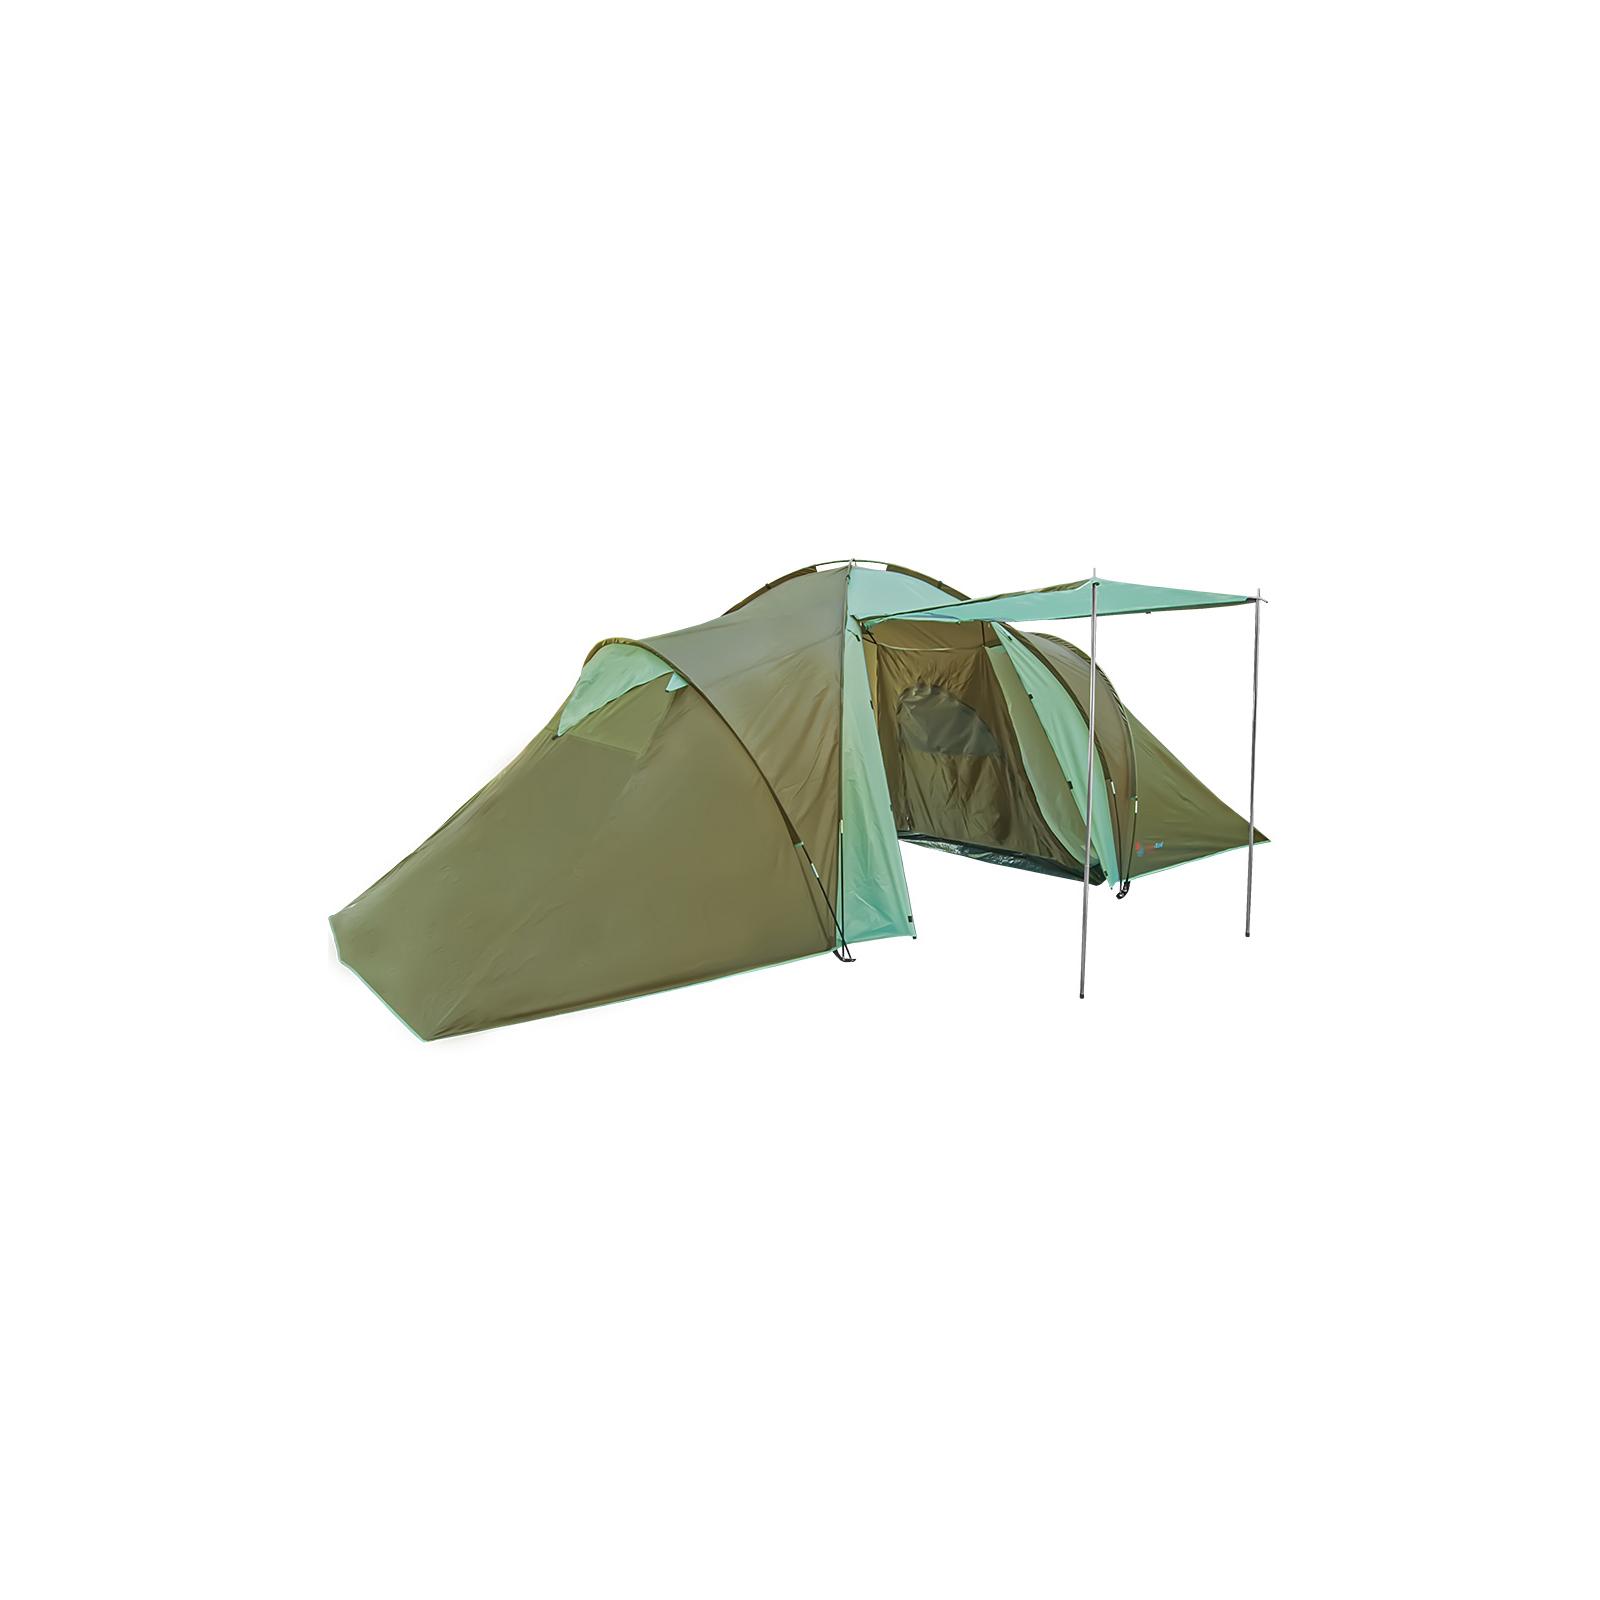 Палатка Time Eco Camping-6 изображение 3